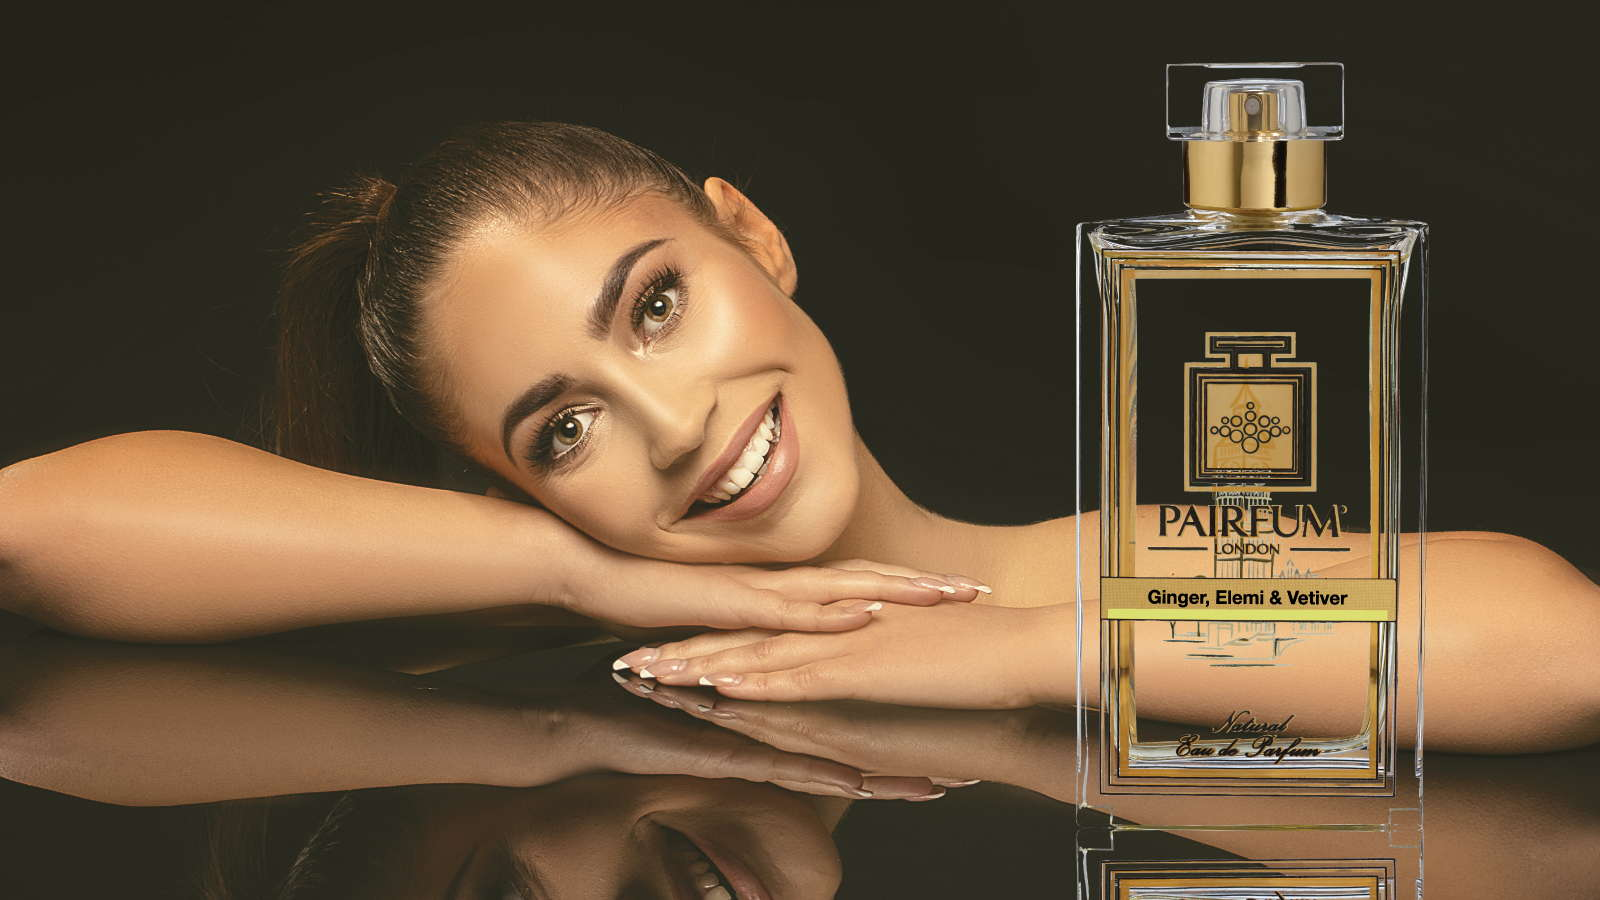 Eau De Parfum Person Reflection Ginger Elemi Vetiver Woman Smile 16 9